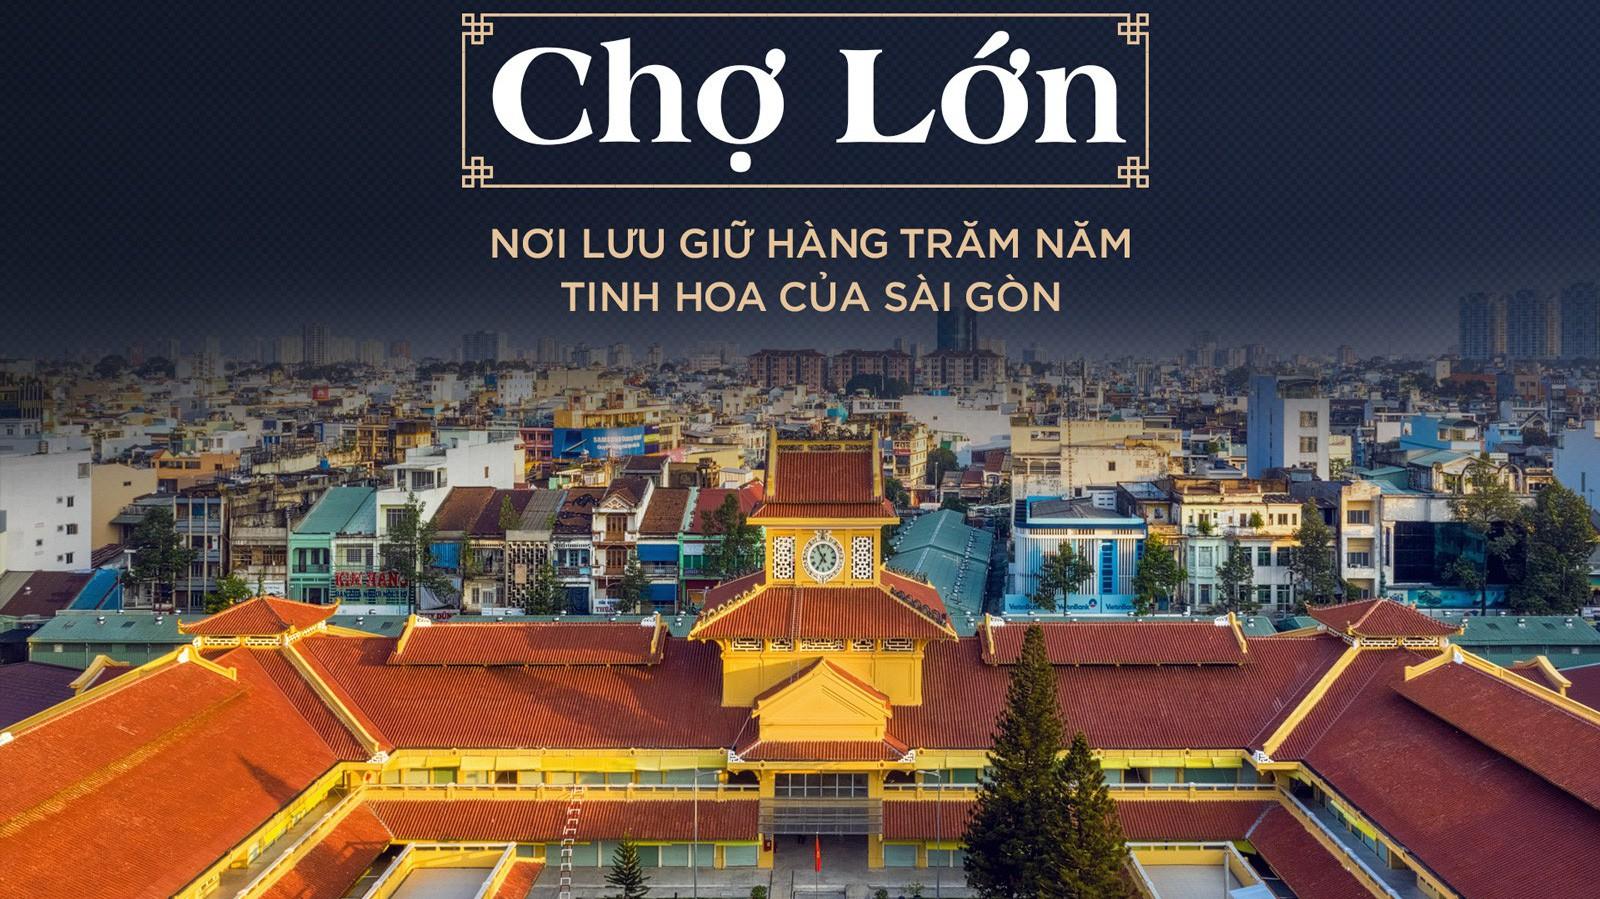 Chợ Lớn - Nơi lưu giữ hàng trăm năm tinh hoa của Sài Gòn - Nhịp sống kinh  tế Việt Nam & Thế giới